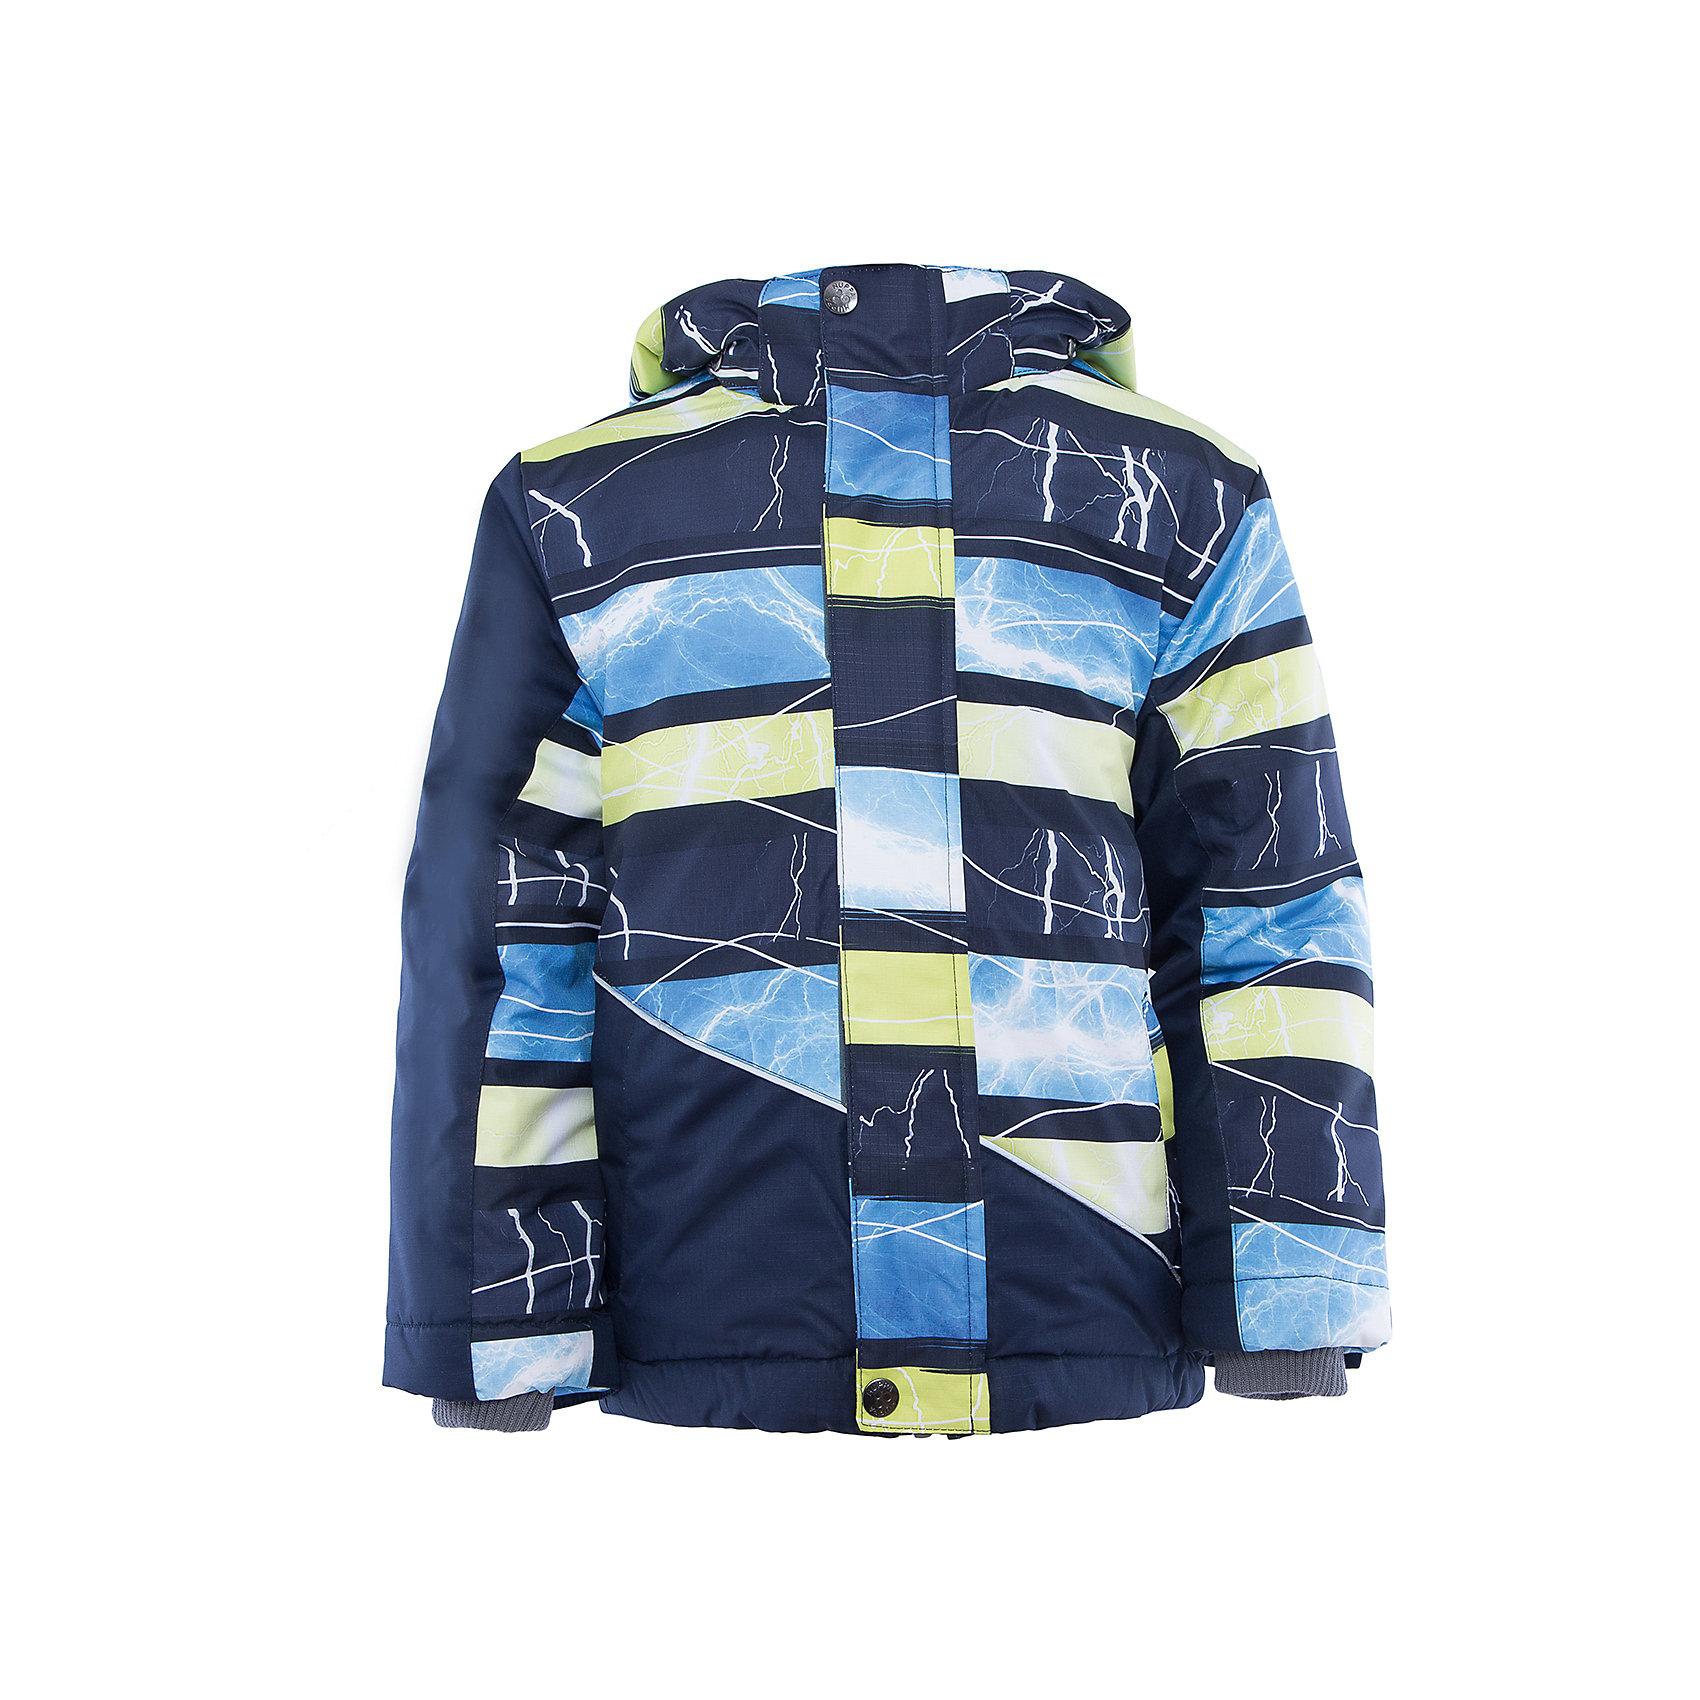 Куртка    HuppaЗимние куртки<br>Куртка ALEX Huppa(Хуппа).<br><br>Утеплитель: 100% полиэстер, 300 гр.<br><br>Температурный режим: до -30 градусов. Степень утепления – высокая. <br><br>* Температурный режим указан приблизительно — необходимо, прежде всего, ориентироваться на ощущения ребенка. Температурный режим работает в случае соблюдения правила многослойности – использования флисовой поддевы и термобелья.<br><br>Согреет ребенка даже в очень холодную зиму, а необычный дизайн привлечет внимание и придаст уверенности в себе!<br><br>Особенности:<br>-синтетический утеплитель HuppaTherm отлично сохраняет форму, легко стирается и хорошо сохнет<br>-водонепроницаемая дышащая мембрана<br>-при проклеивании швов использована водостойкая лента для повышения водонепроницаемости<br>-прочная и долговечная ткань<br>-большой капюшон и вместительные карманы<br>-светоотражающие элементы для снижения вероятности несчастных случаев в темное время суток<br>-отстегивающийся капюшон<br><br>Дополнительная информация:<br>Материал: 100% полиэстер<br>Подкладка: флис, тафта - 100% полиэстер<br>Цвет: синий/темно-синий/лайм<br><br>Куртку ALEX Huppa(Хуппа) вы можете приобрести в нашем интернет-магазине.<br><br>Ширина мм: 356<br>Глубина мм: 10<br>Высота мм: 245<br>Вес г: 519<br>Цвет: зеленый<br>Возраст от месяцев: 48<br>Возраст до месяцев: 60<br>Пол: Унисекс<br>Возраст: Детский<br>Размер: 140,104,116,122,128,134,110<br>SKU: 4928265